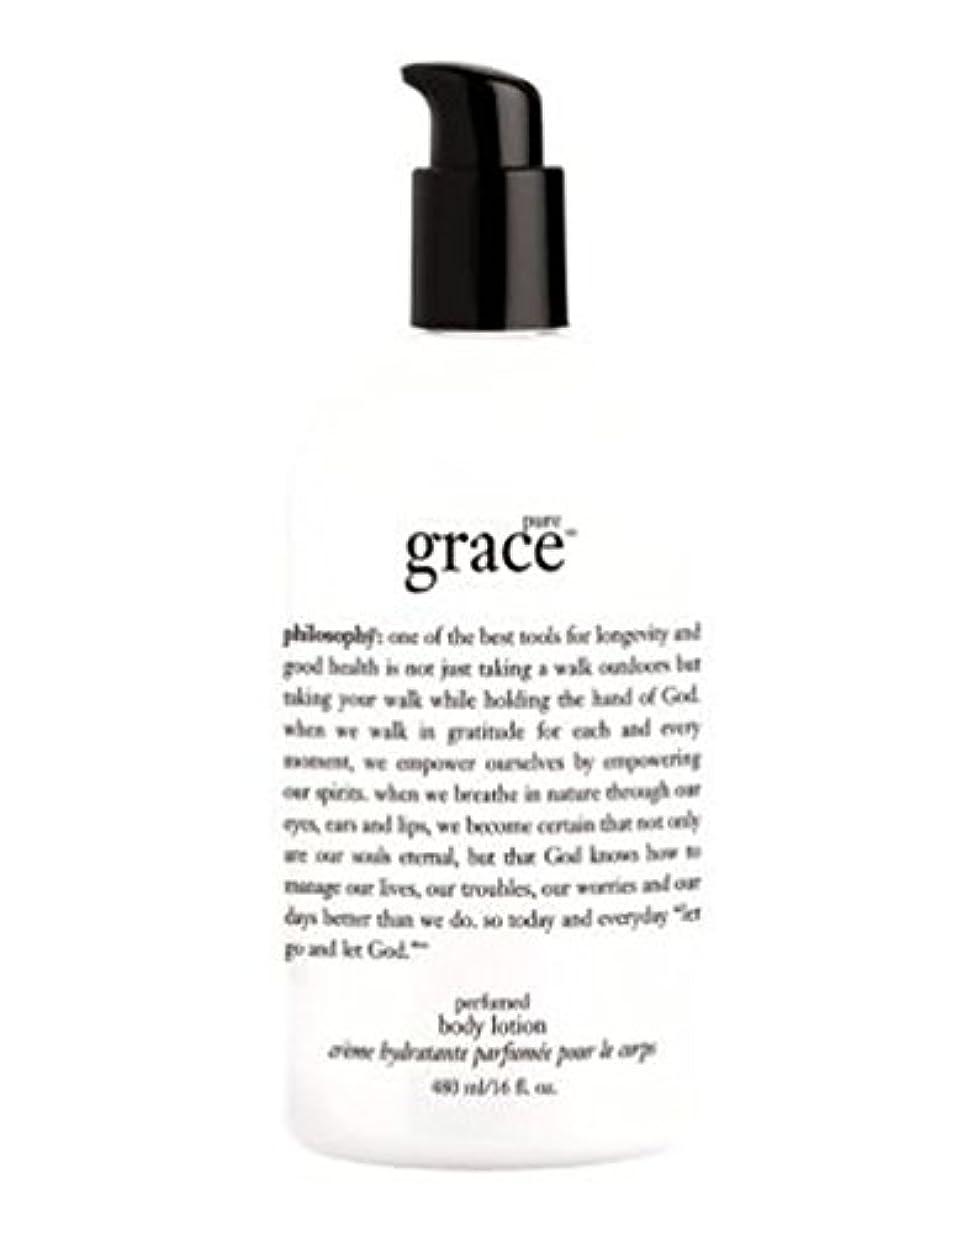 広まったアクセル風景philosophy pure grace body lotion 480ml - 哲学純粋な恵みボディローション480ミリリットル (Philosophy) [並行輸入品]